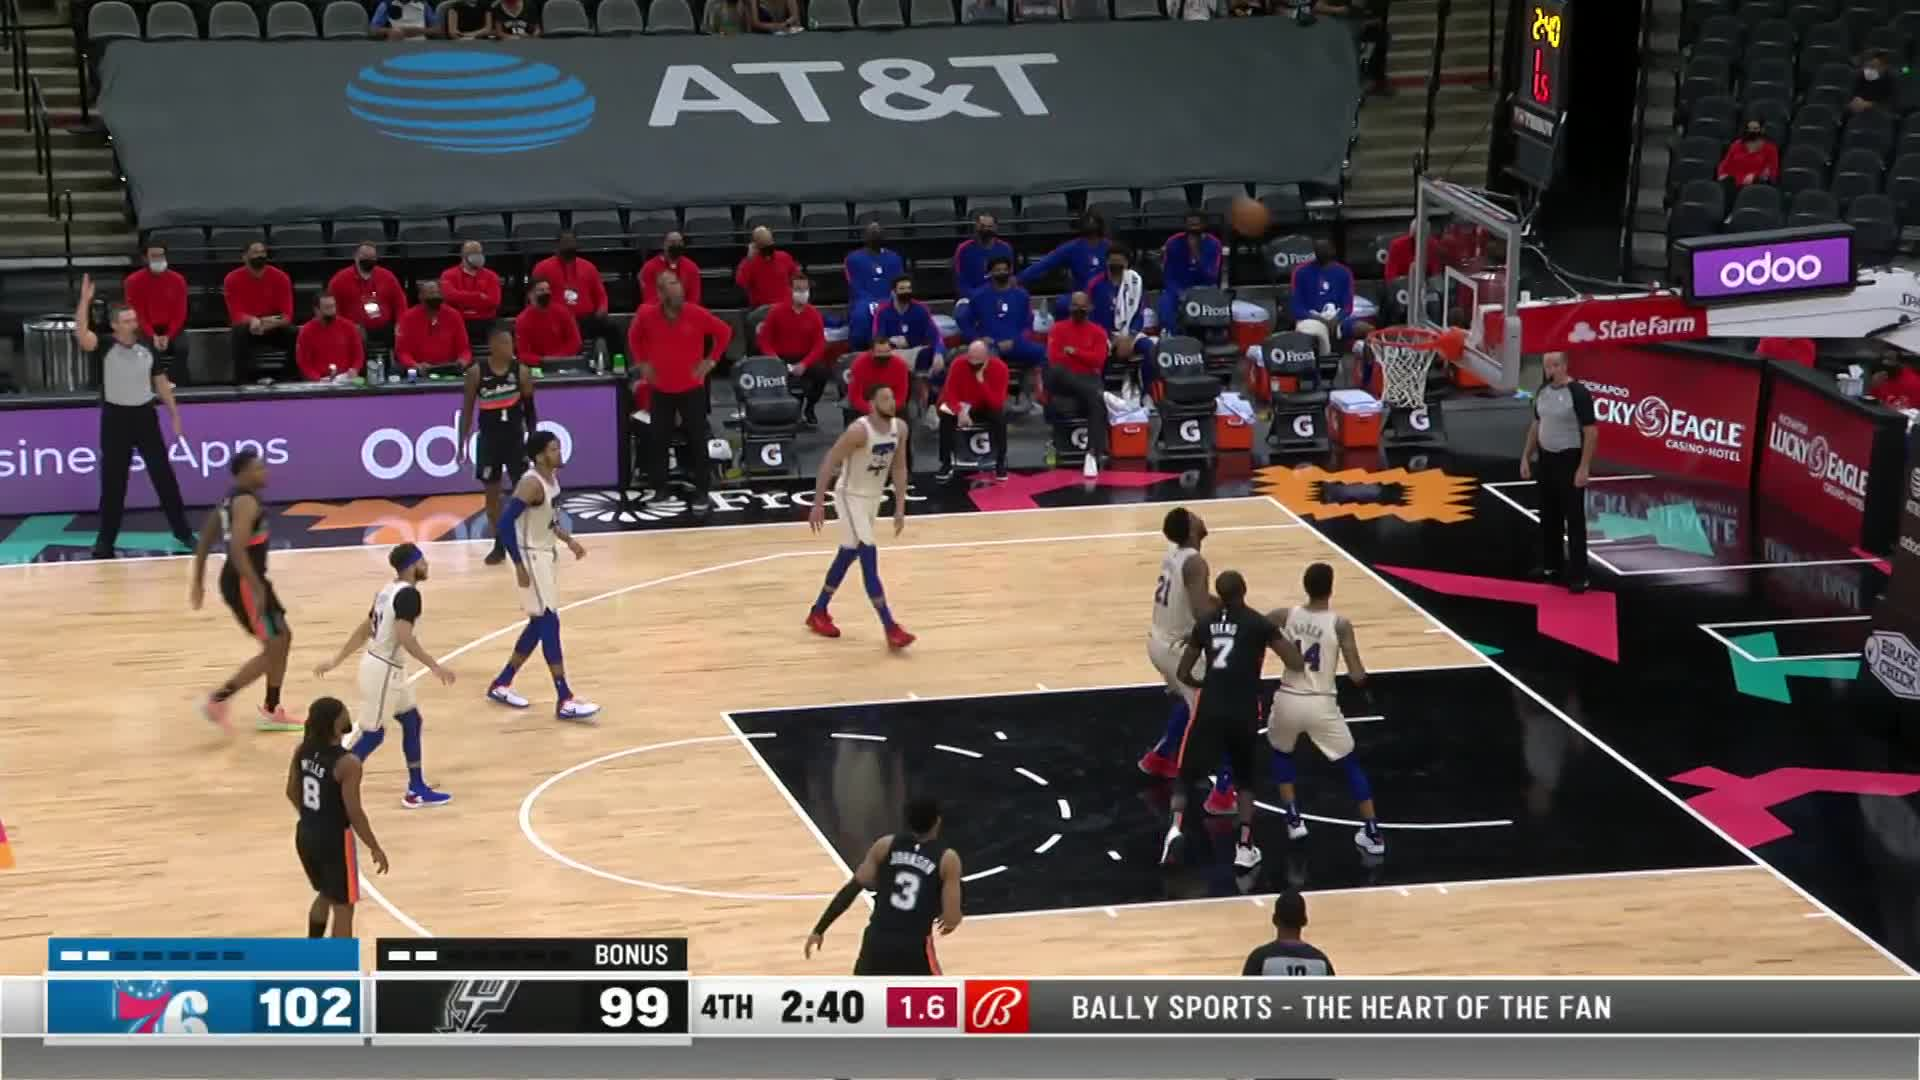 Game Recap: 76ers 113, Spurs 111